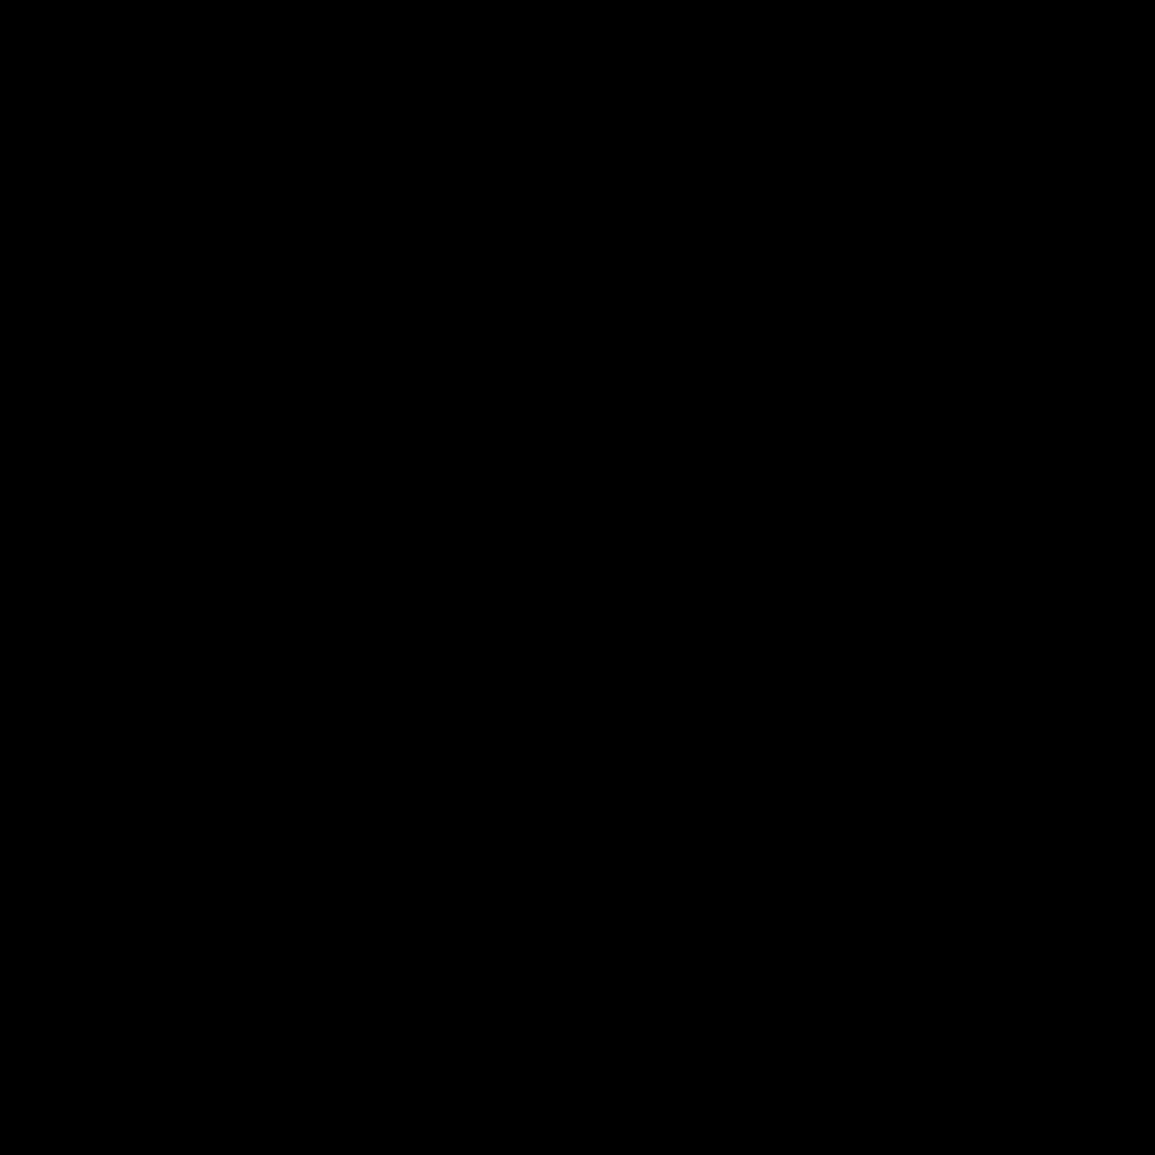 イナブラシュ ENA 字形見本